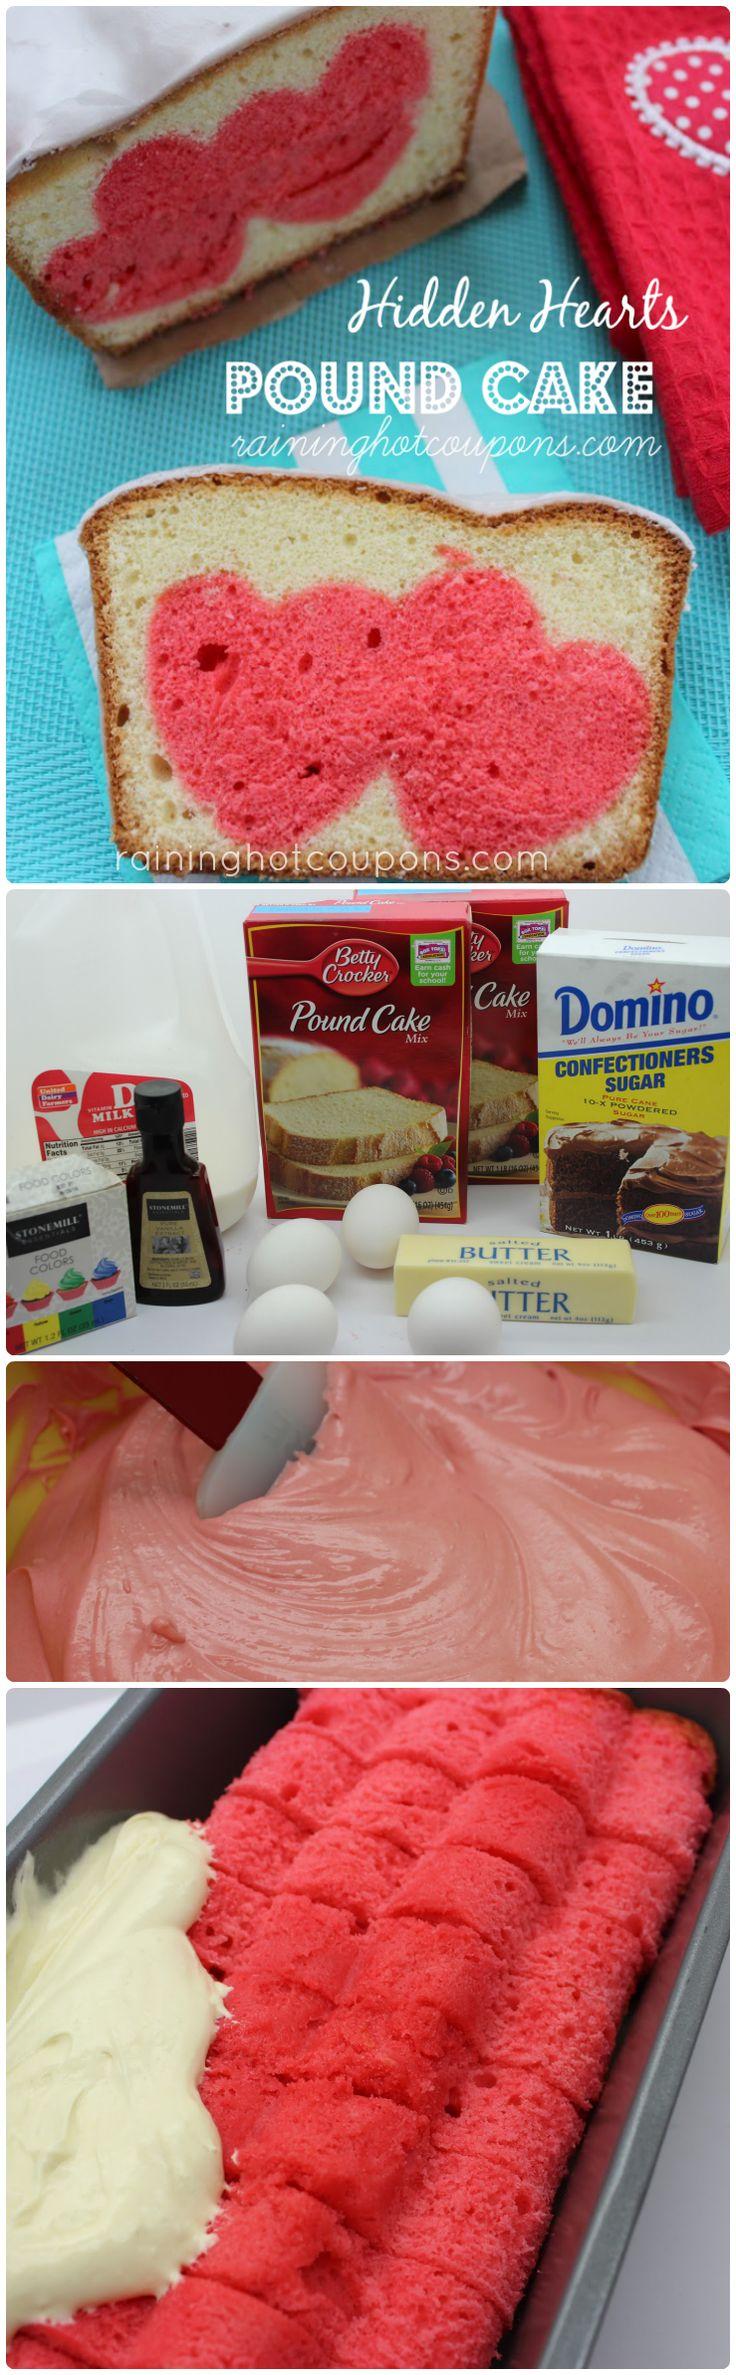 hidden hearts pound cake collage Hidden Hearts Pound Cake